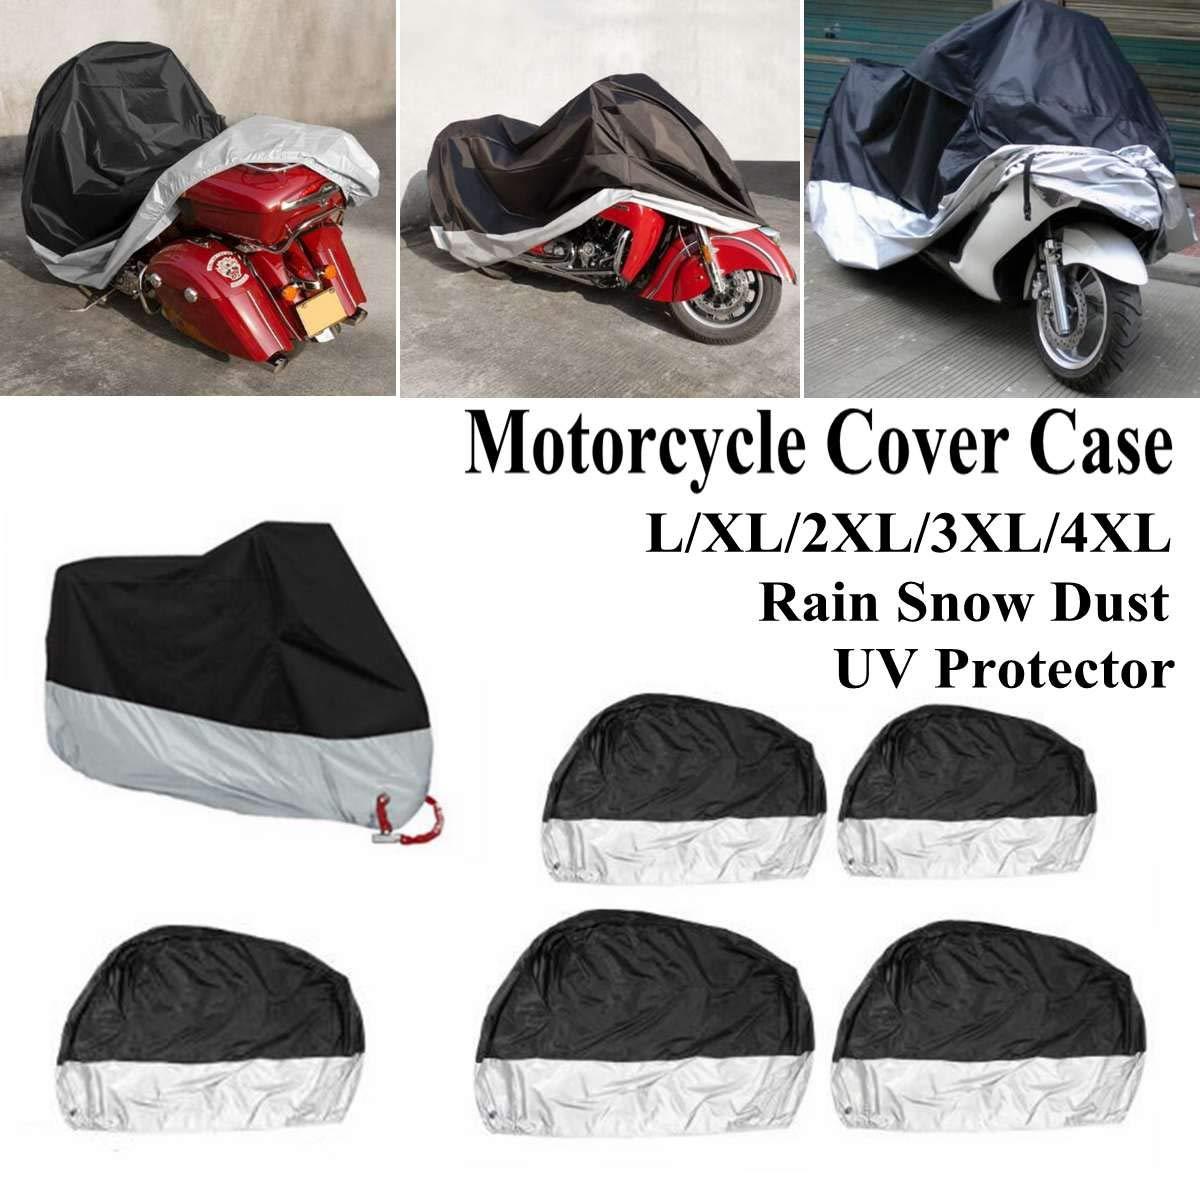 Protection contre la pluie et la poussi/ère pochette de rangement pour moto Convient pour les motos ATV B/âche de protection /étanche Couverture